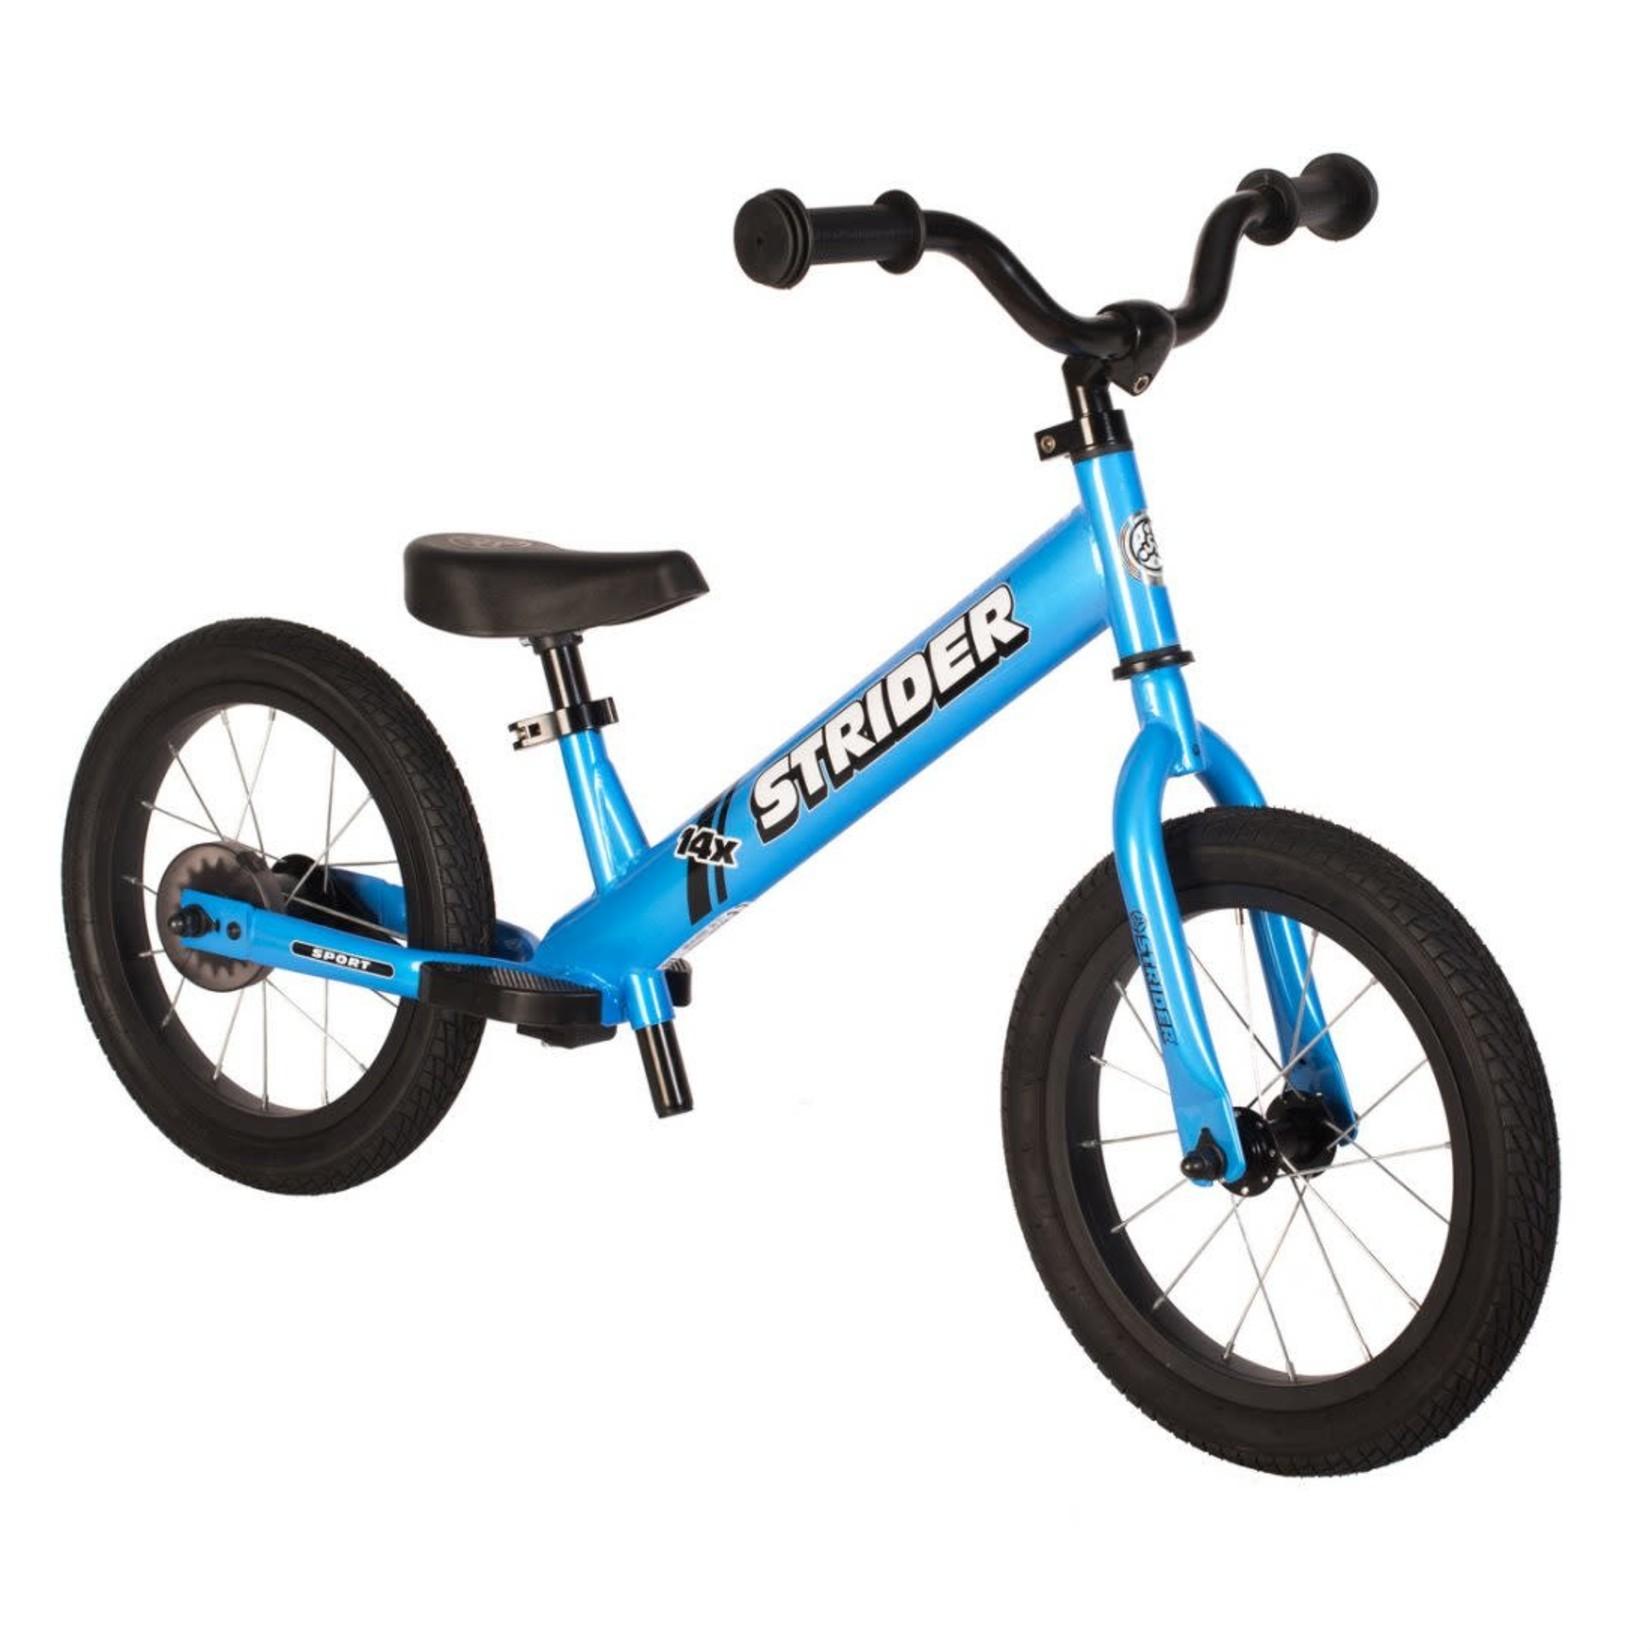 Strider Strider Sport 14x